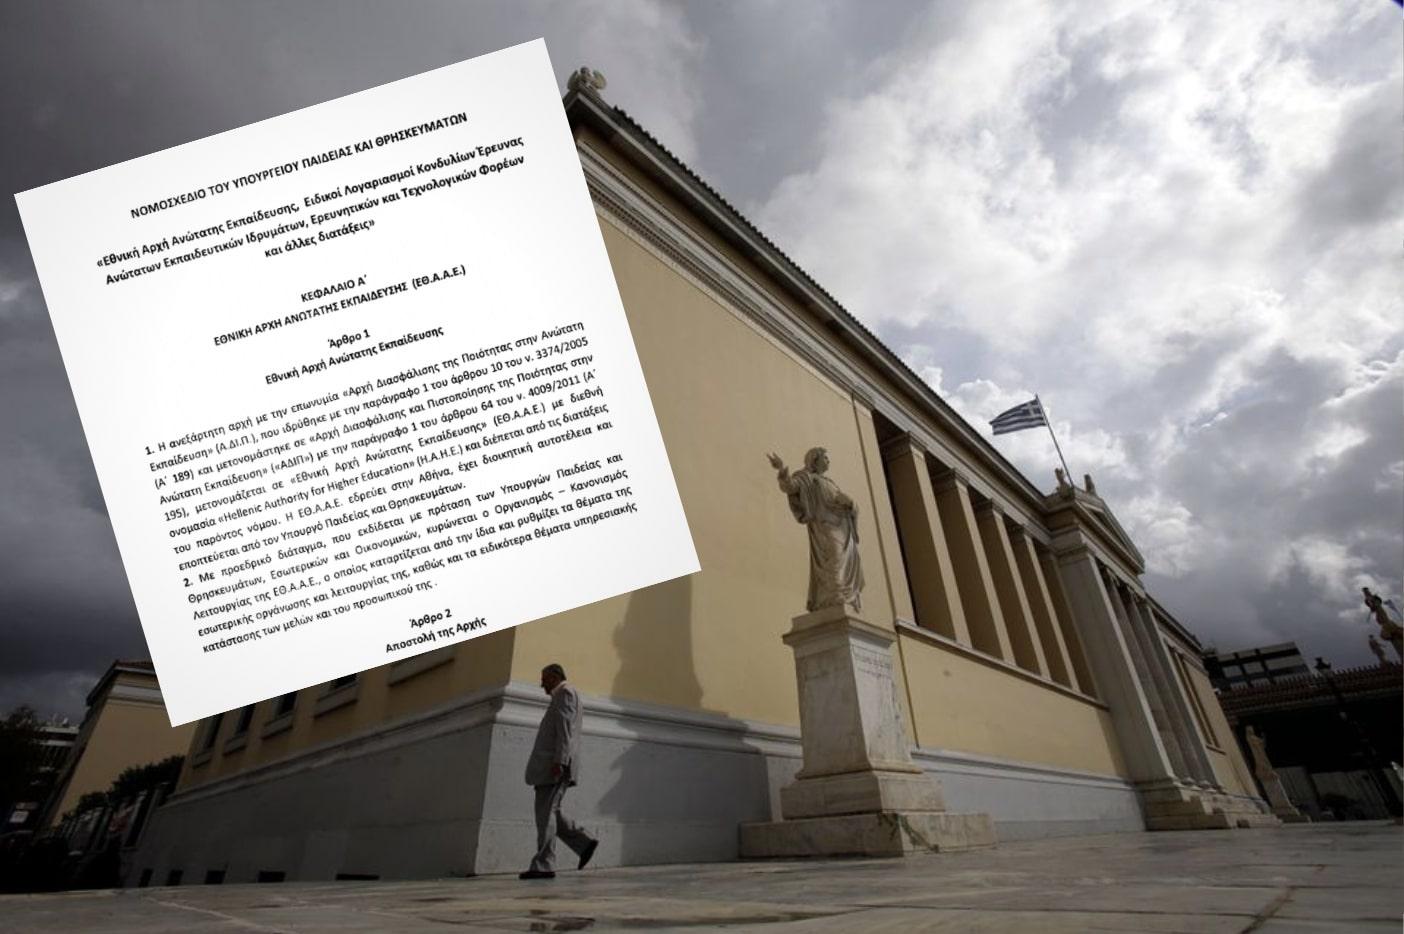 Ψηφίστηκαν τα άρθρα για τα Κολέγια και η αναστολή λειτουργίας 37 Πανεπιστημιακών Τμημάτων